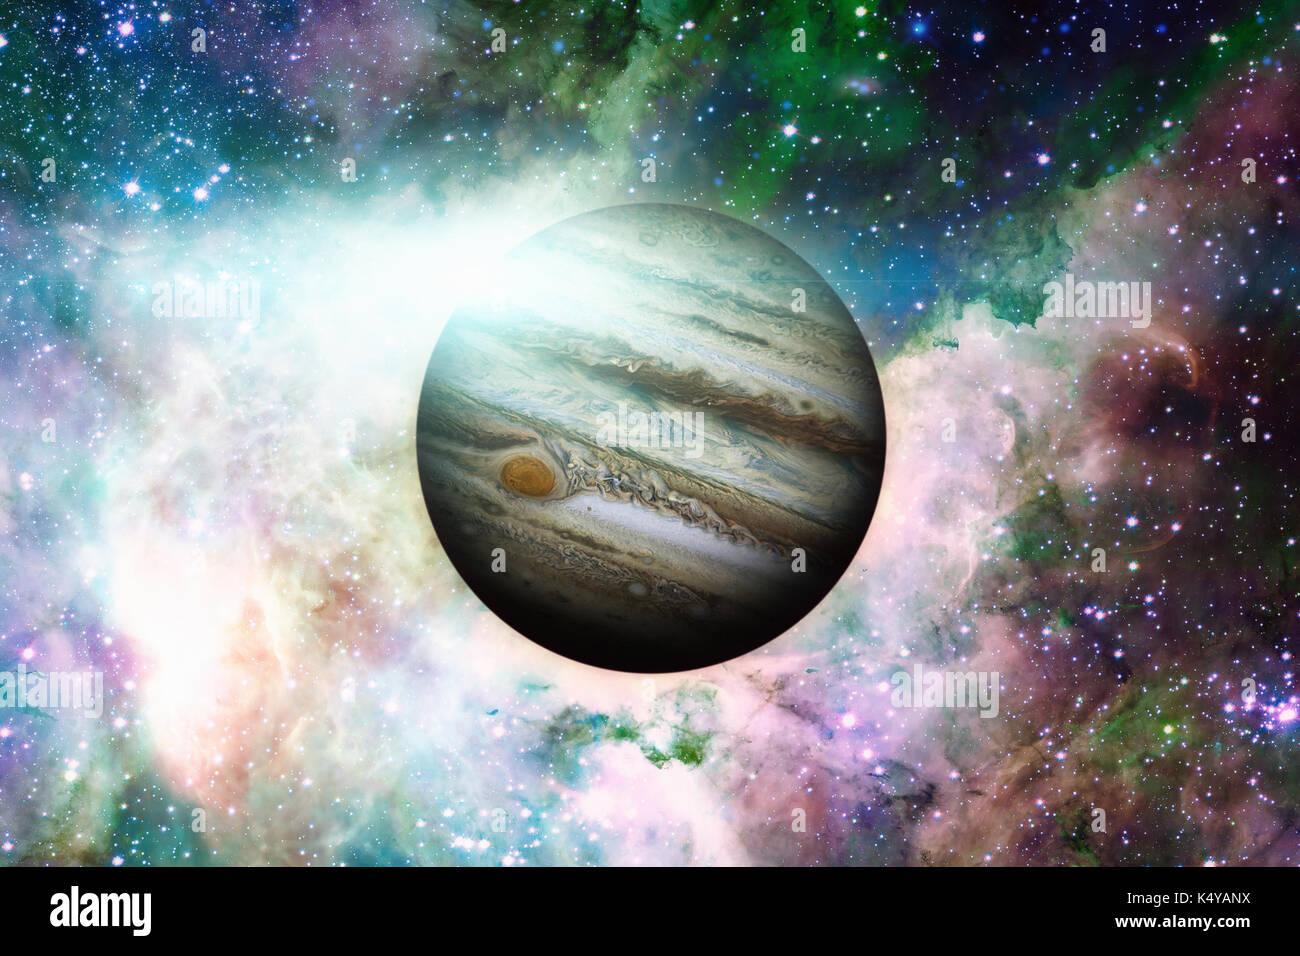 Planet Jupiter. Nebula on the background. - Stock Image